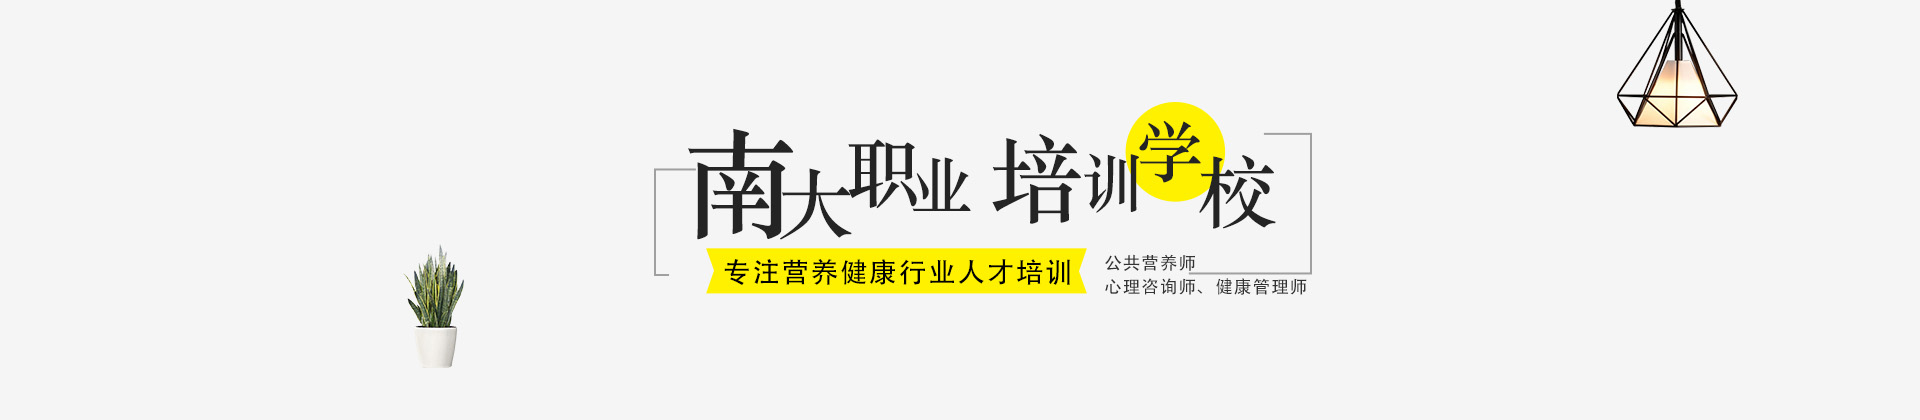 廣州南大職業培訓學院